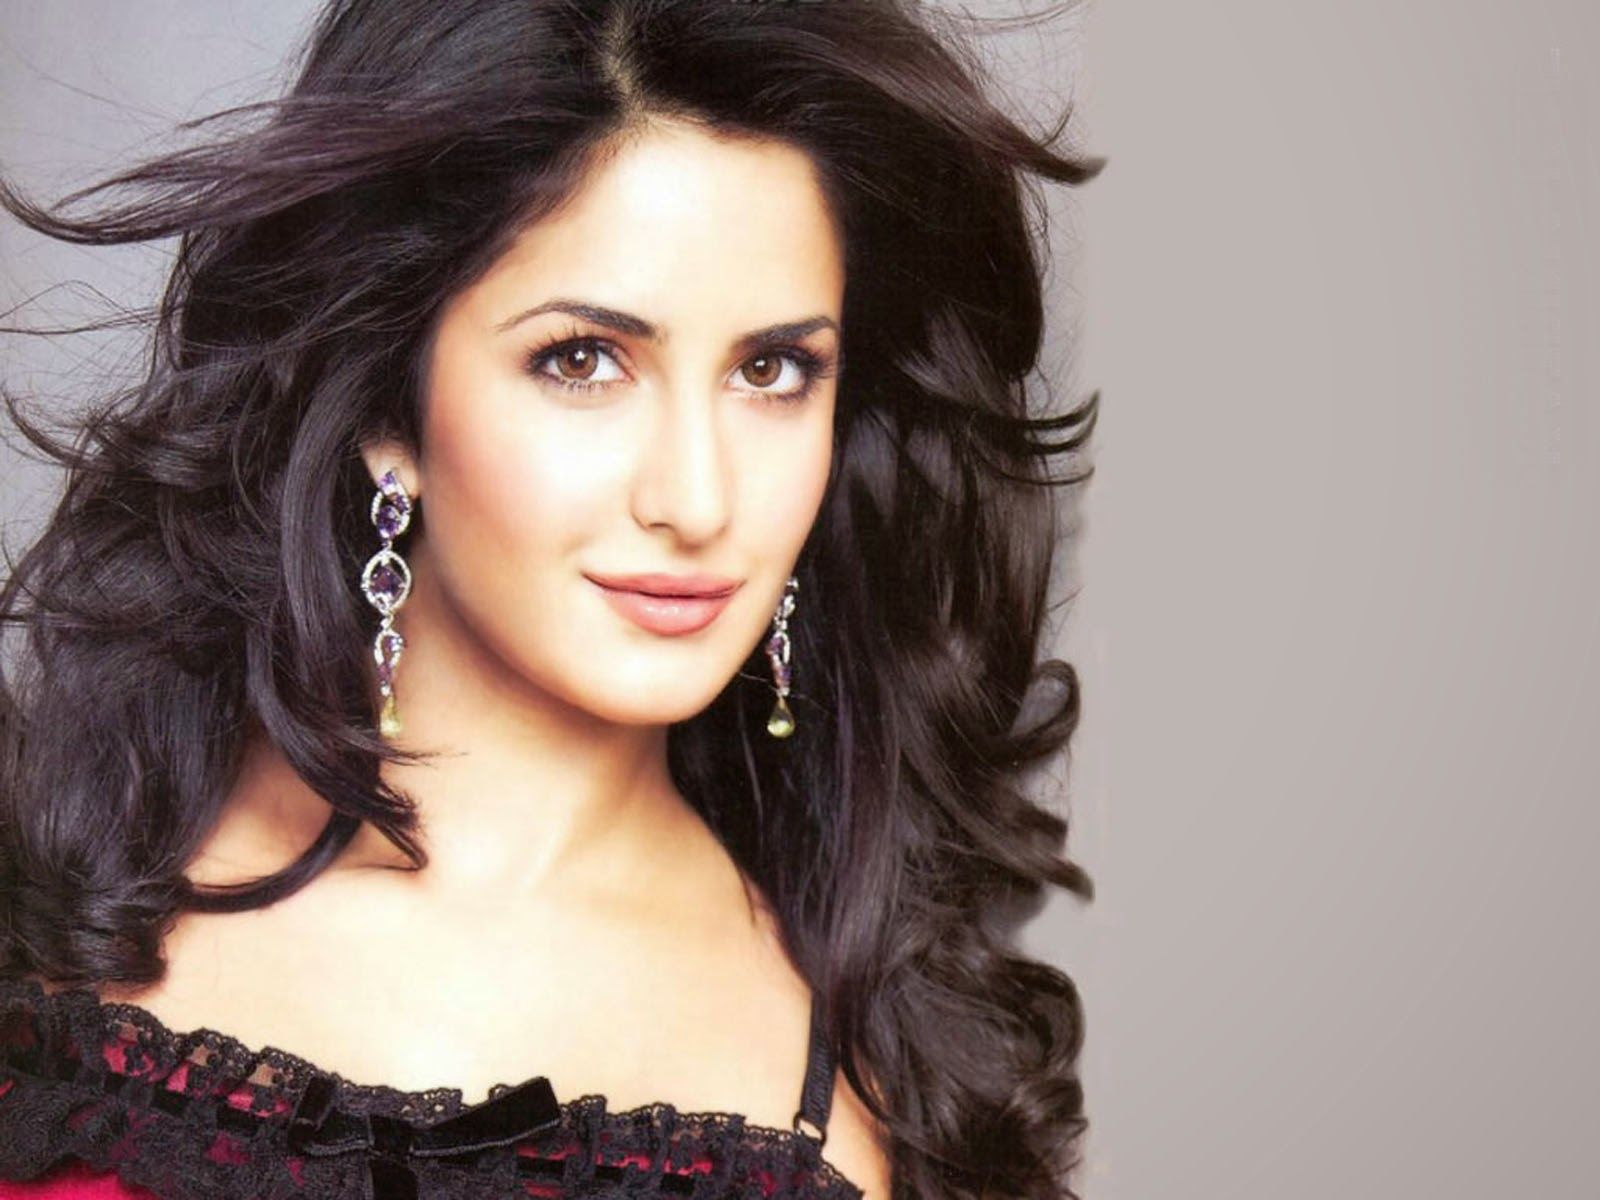 Bollywood Actress Katrina Kaif Hd Wallpapers Hd Walls Katrina Kaif